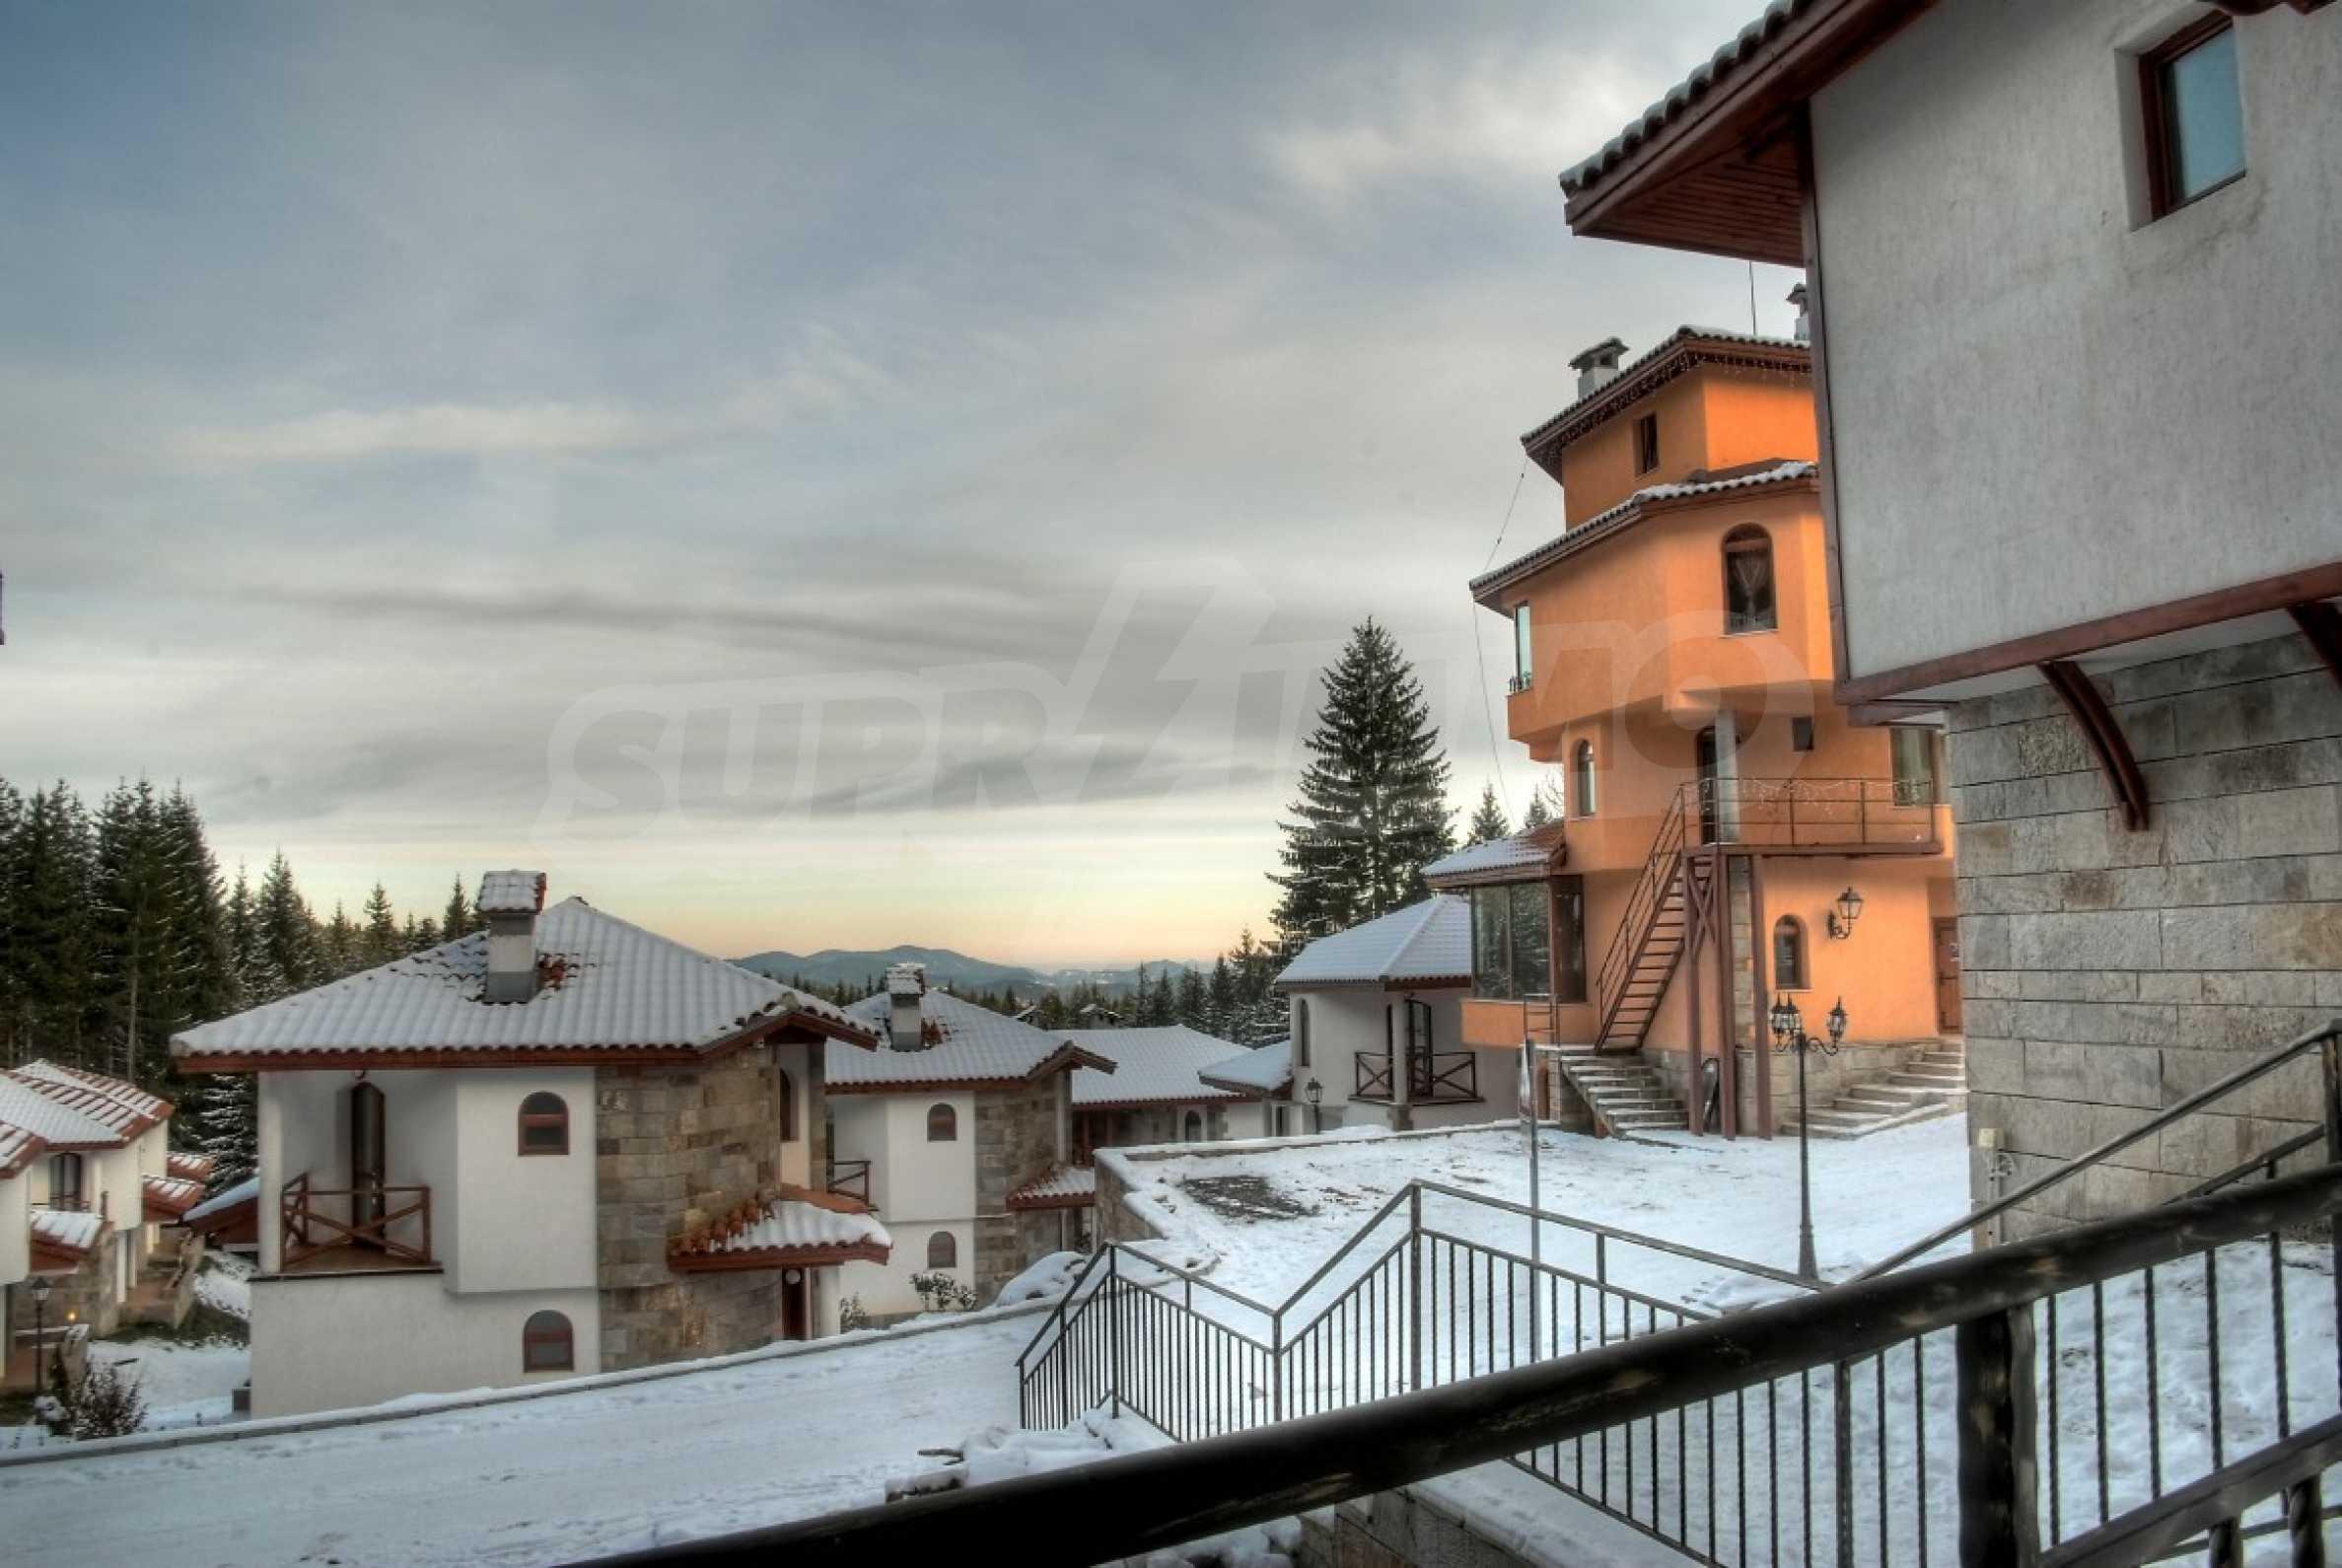 Апартаменти на атрактивни цени в планински ваканционен комплекс в Пампорово 29